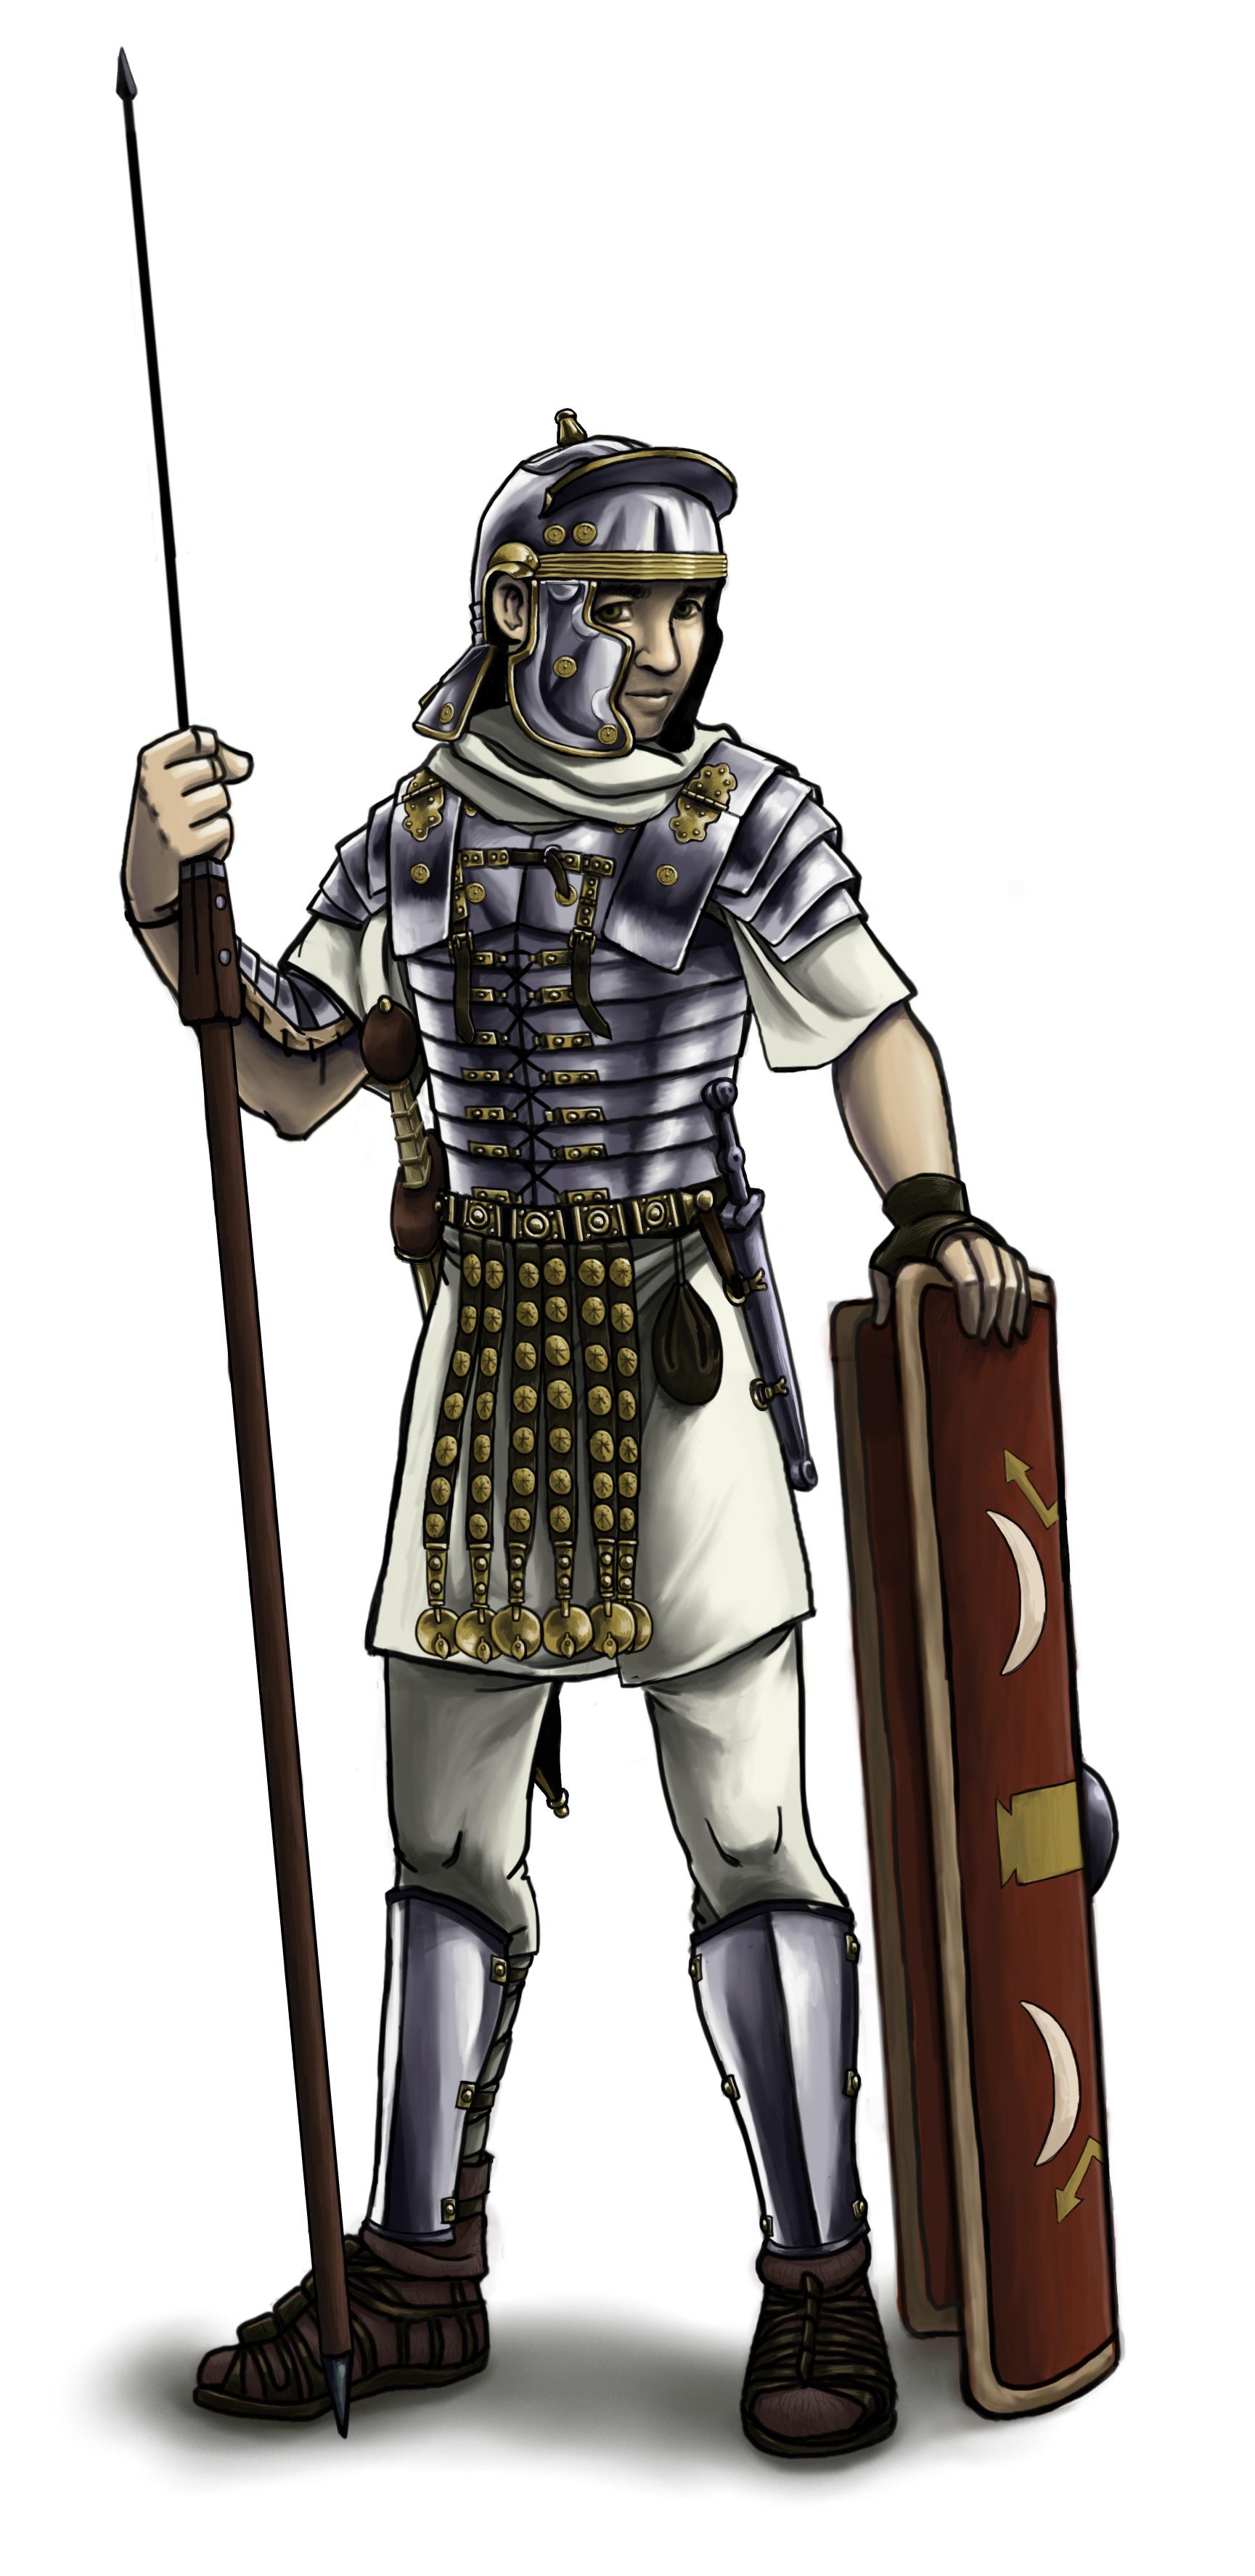 roman soldier digital painting in aciem